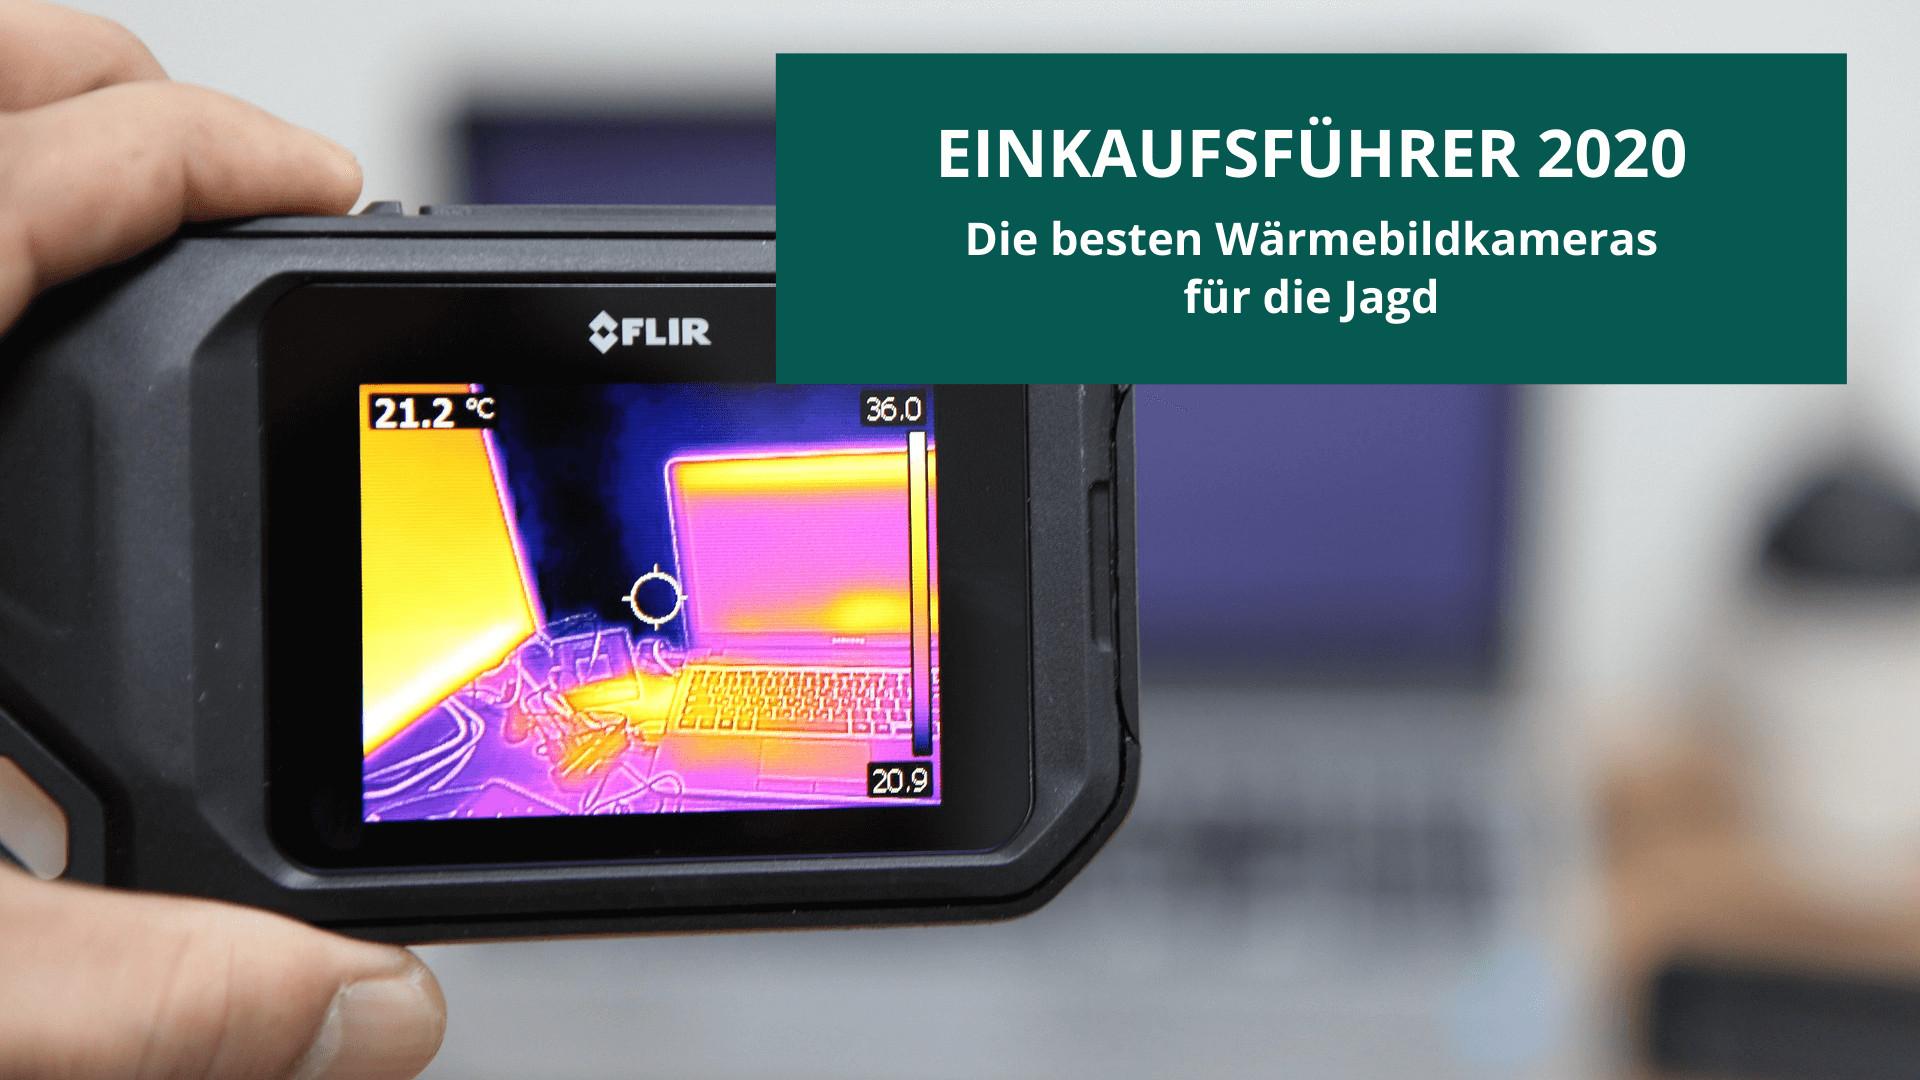 Titelbild - Wärmebildkameras für die Jagd Einkaufsführer 2020